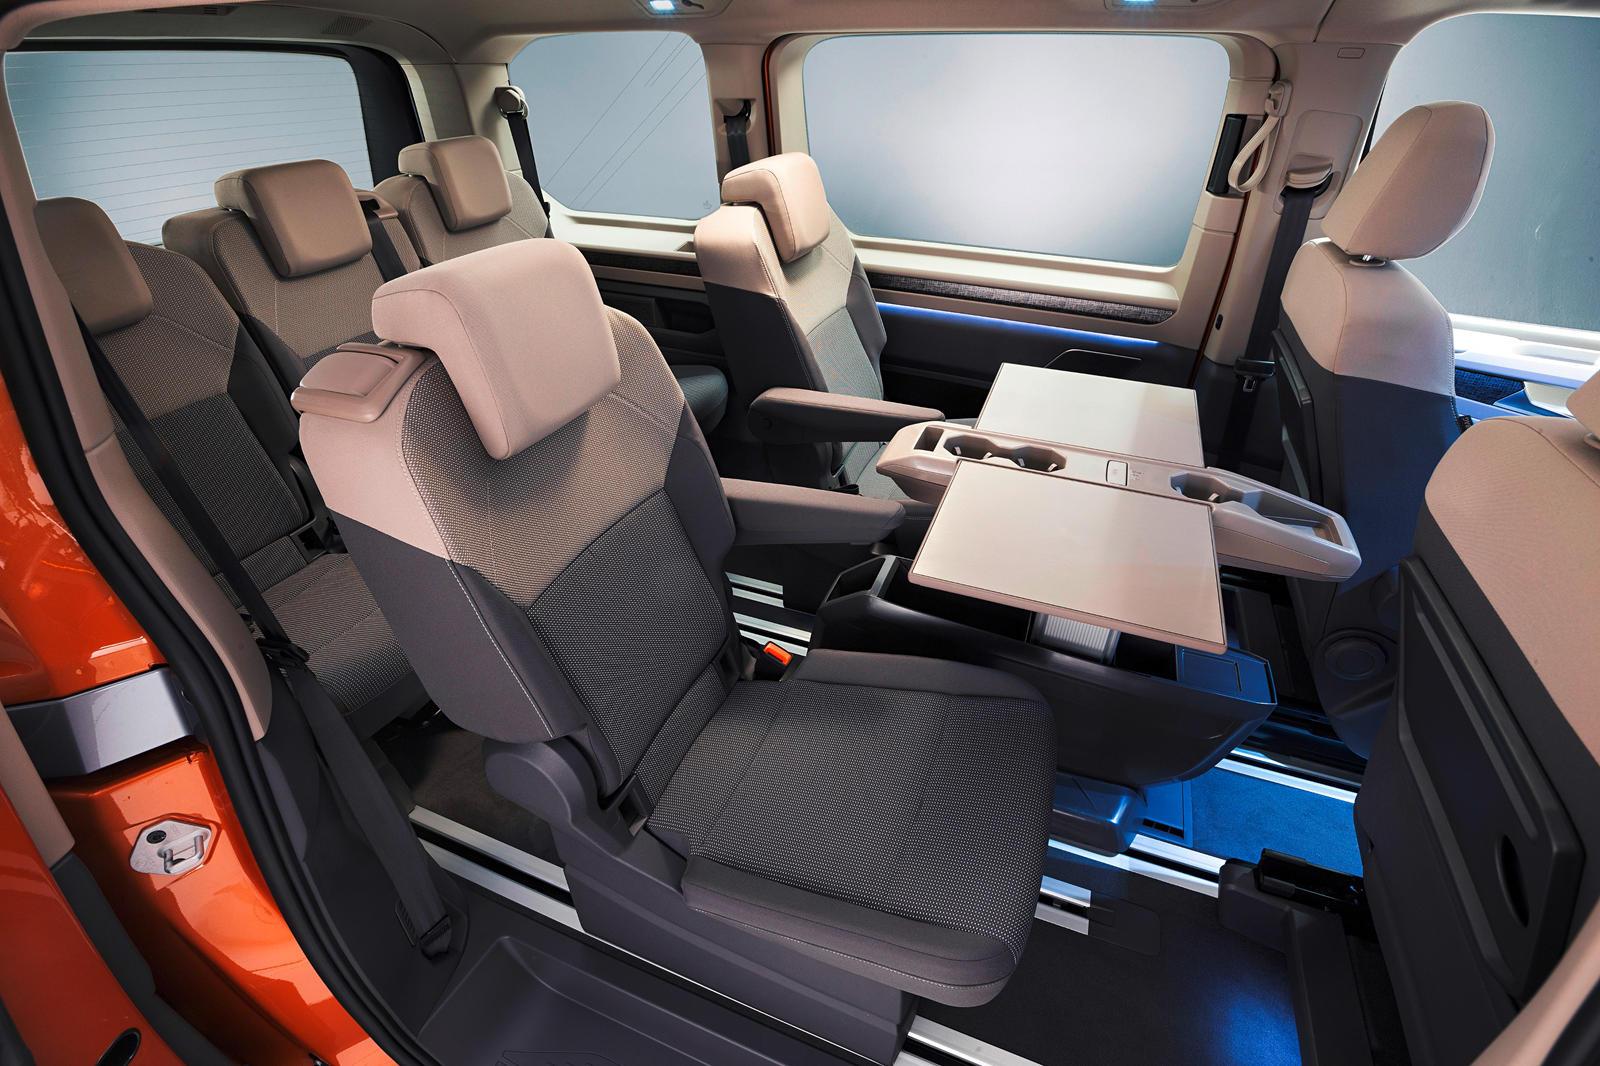 В наши дни люди в основном предпочитают большие внедорожники, такие как 2021 Volkswagen Atlas, но еще в 2008 году немецкий автопроизводитель предложил минивэн под названием Routan. Routan был просто обновленной версией Chrysler Town&Country, поэтому